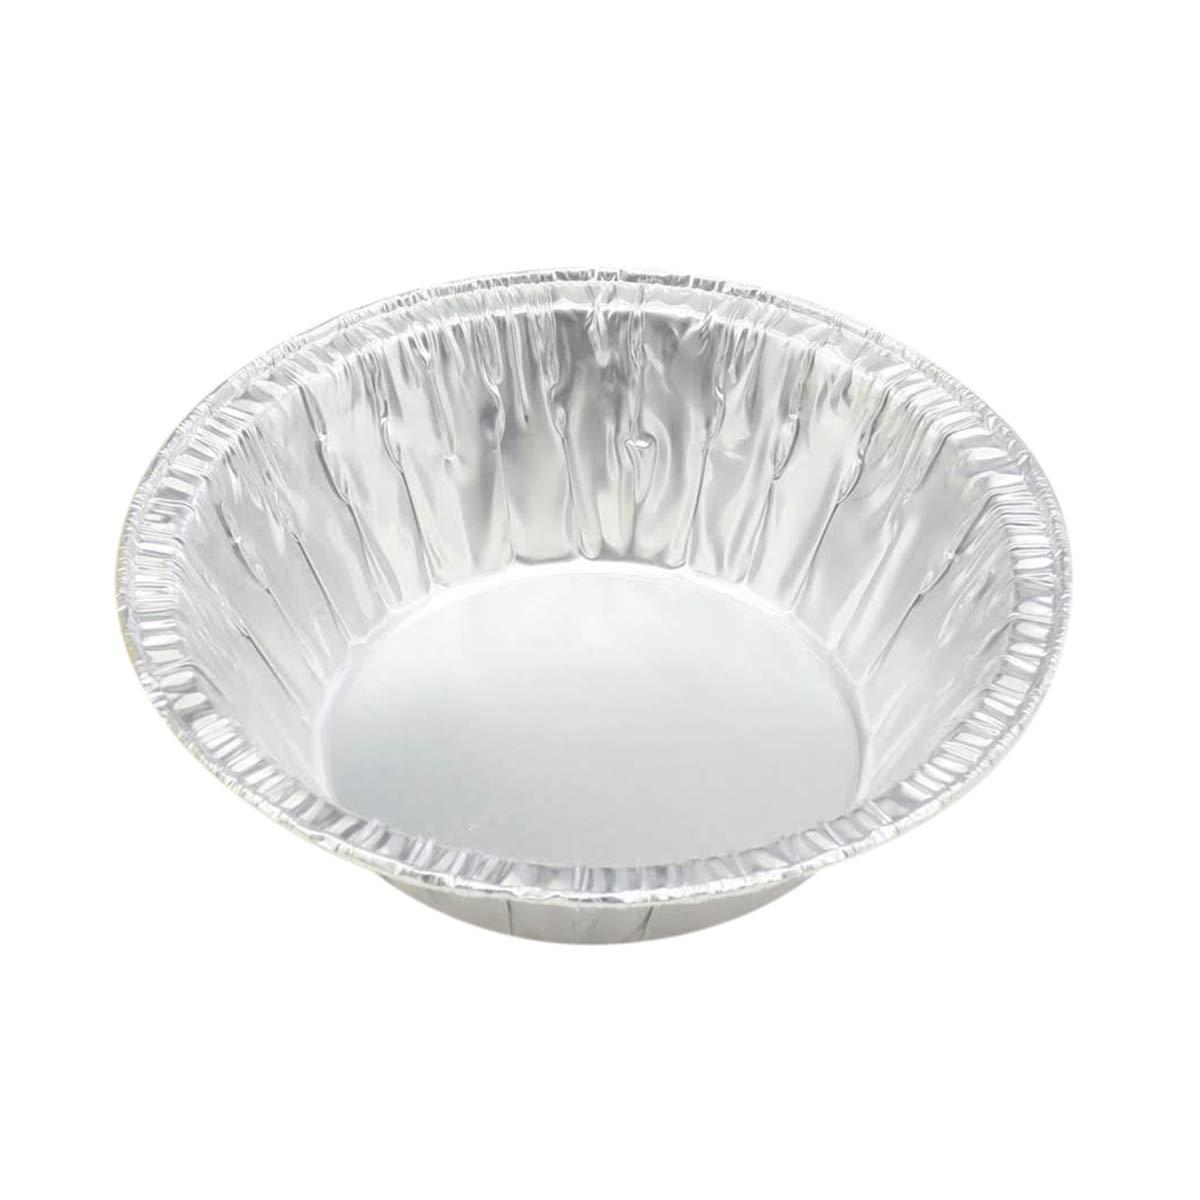 Disposable Aluminum 5 3/4'' Extra Deep Pie Pan/Pot Pie Pan # 575 (500)